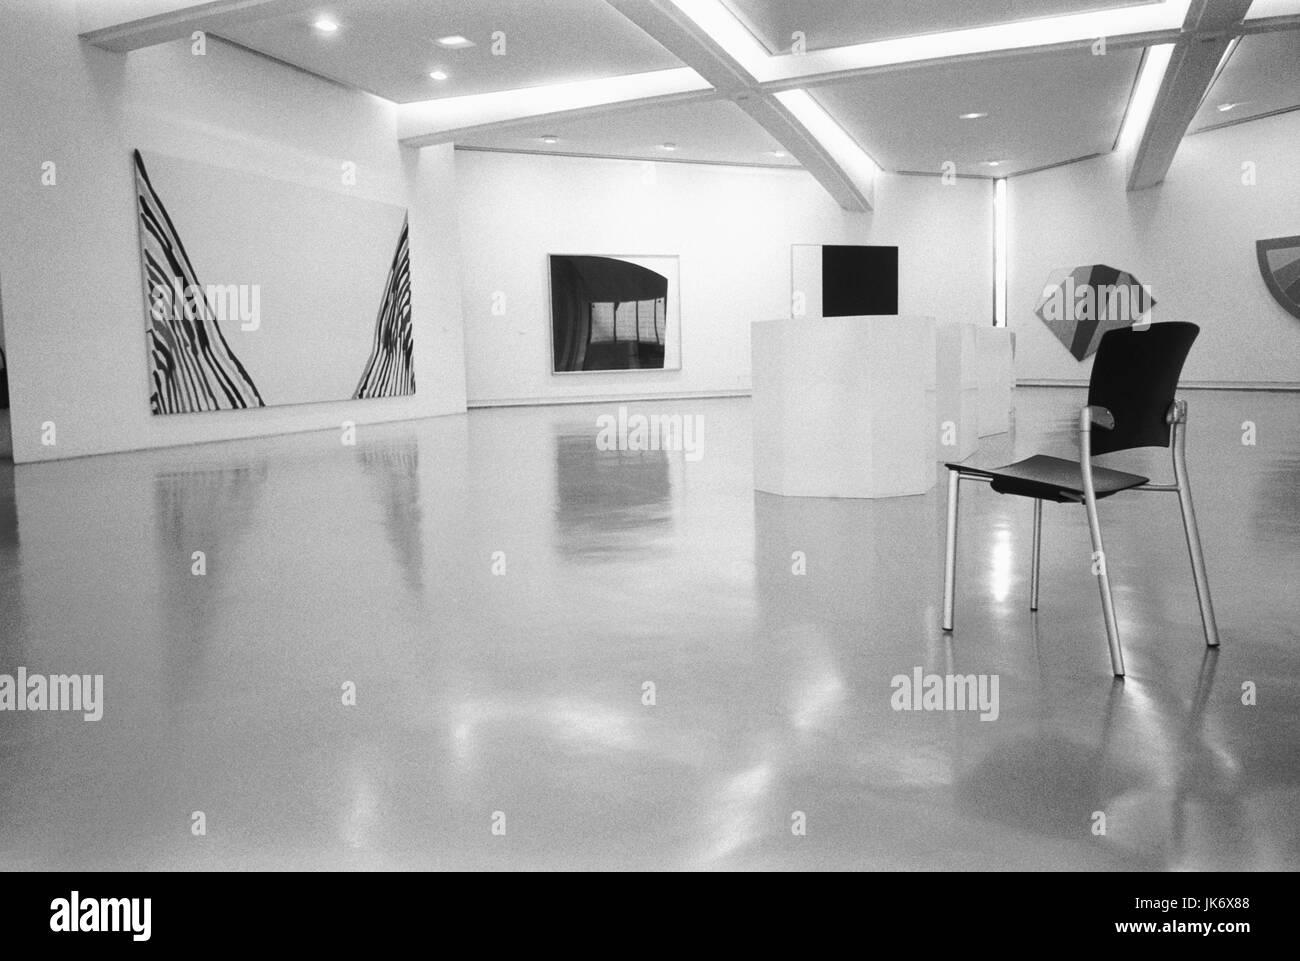 Frankreich, Provence, Cote dïAzur,  Nizza, Musee dïArt Moderne et dïArt  Contemporain, Galerie, s/w - Stock Image